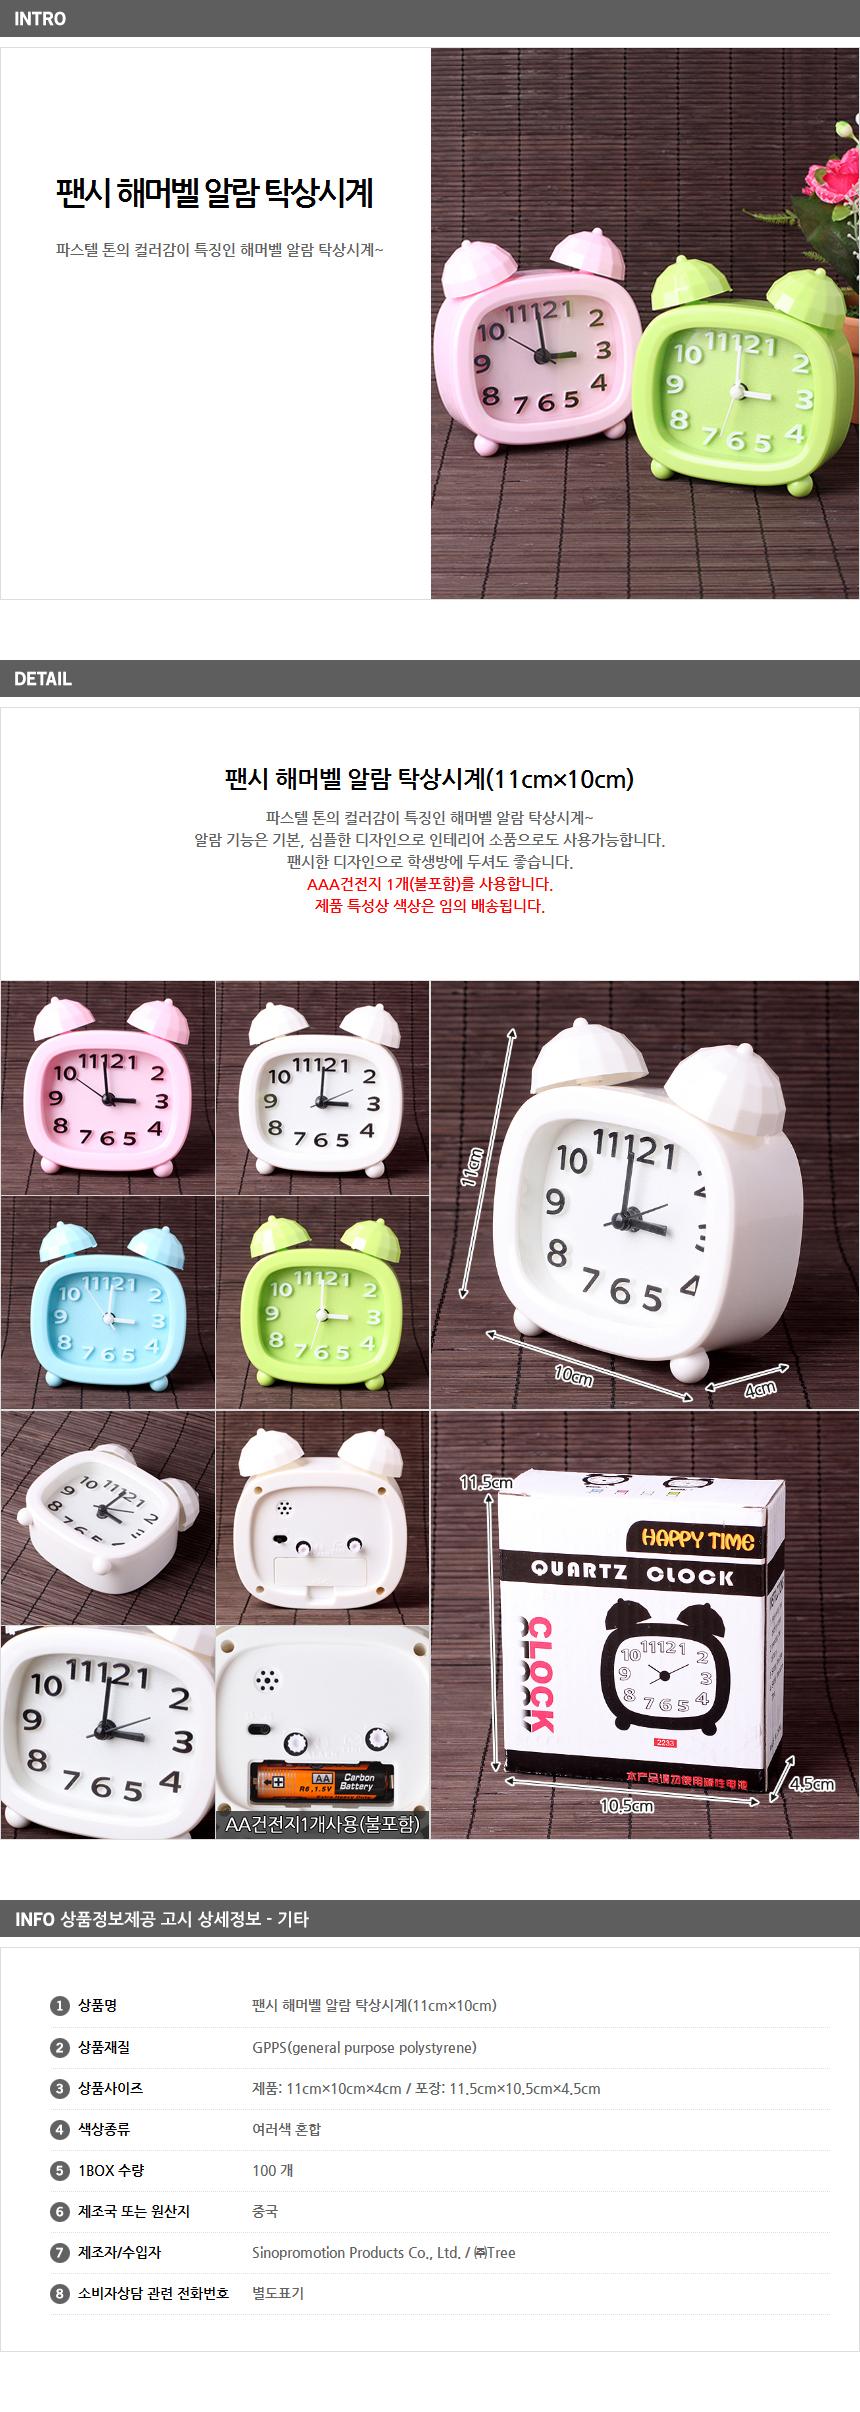 시끄러운 탁상 알람시계 파스텔컬러 미니시계 - 기프트갓, 3,370원, 알람/탁상시계, 알람시계